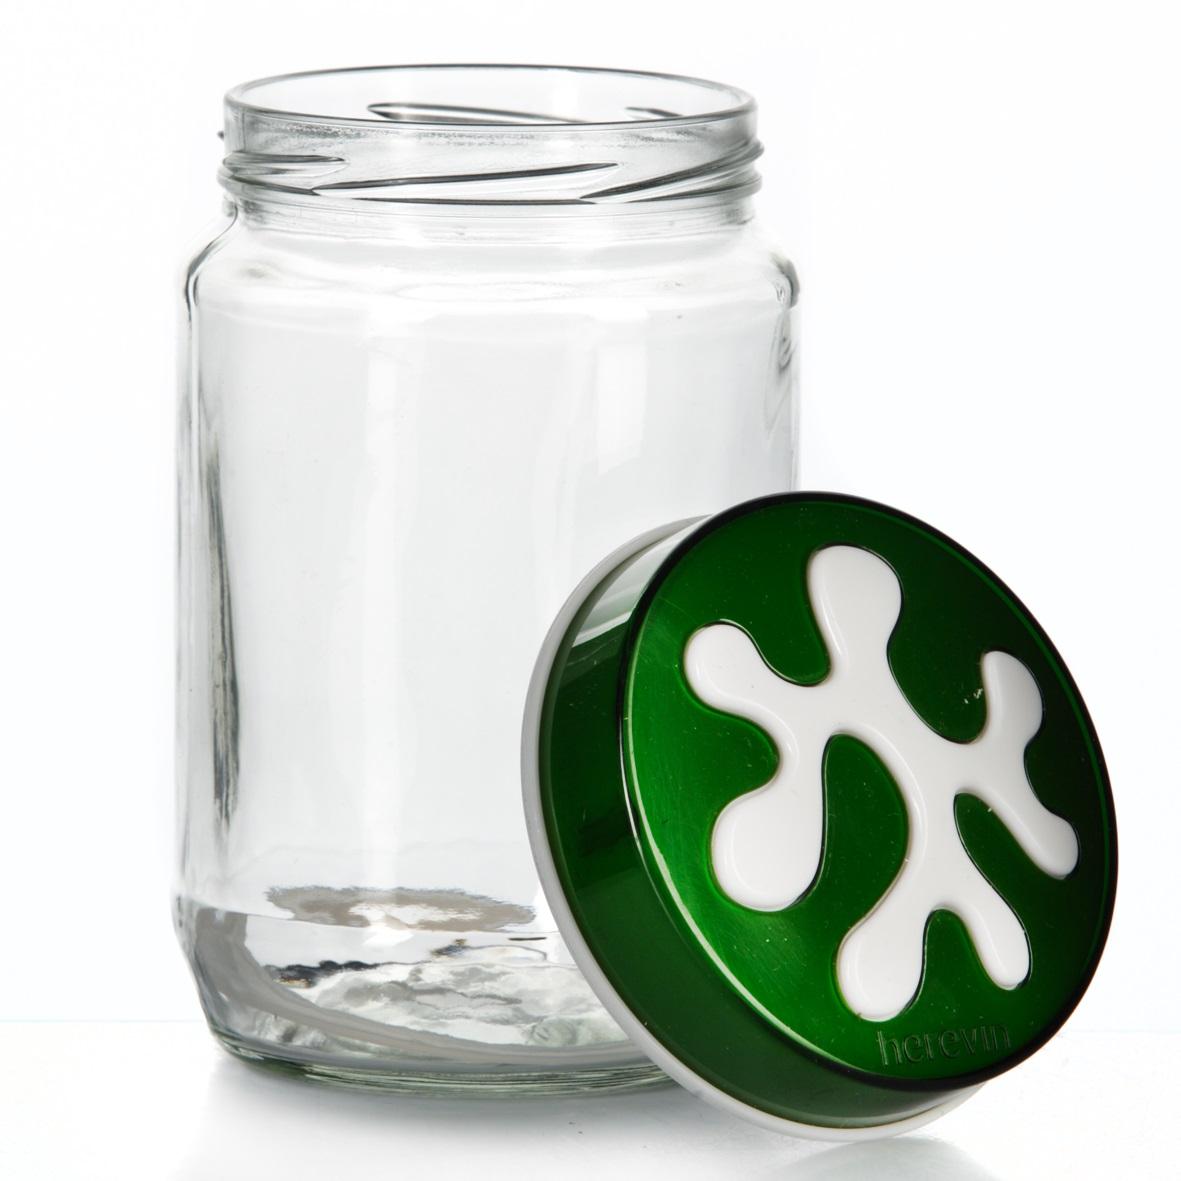 Банка для сыпучих продуктов Herevin, цвет: зеленый, 720 мл. 135367-002135367-002Банка для сыпучих продуктов Herevin изготовлена из прочного стекла и оснащена плотно закрывающейся пластиковой крышкой. Благодаря этому внутри сохраняется герметичность, и продукты дольше остаются свежими. Изделие предназначено для хранения различных сыпучих продуктов: круп, чая, сахара, орехов и т.д. Функциональная и вместительная, такая банка станет незаменимым аксессуаром на любой кухне. Можно мыть в посудомоечной машине. Пластиковые части рекомендуется мыть вручную. Объем: 720 мл. Диаметр (по верхнему краю): 7,5 см. Высота банки (без учета крышки): 14 см.